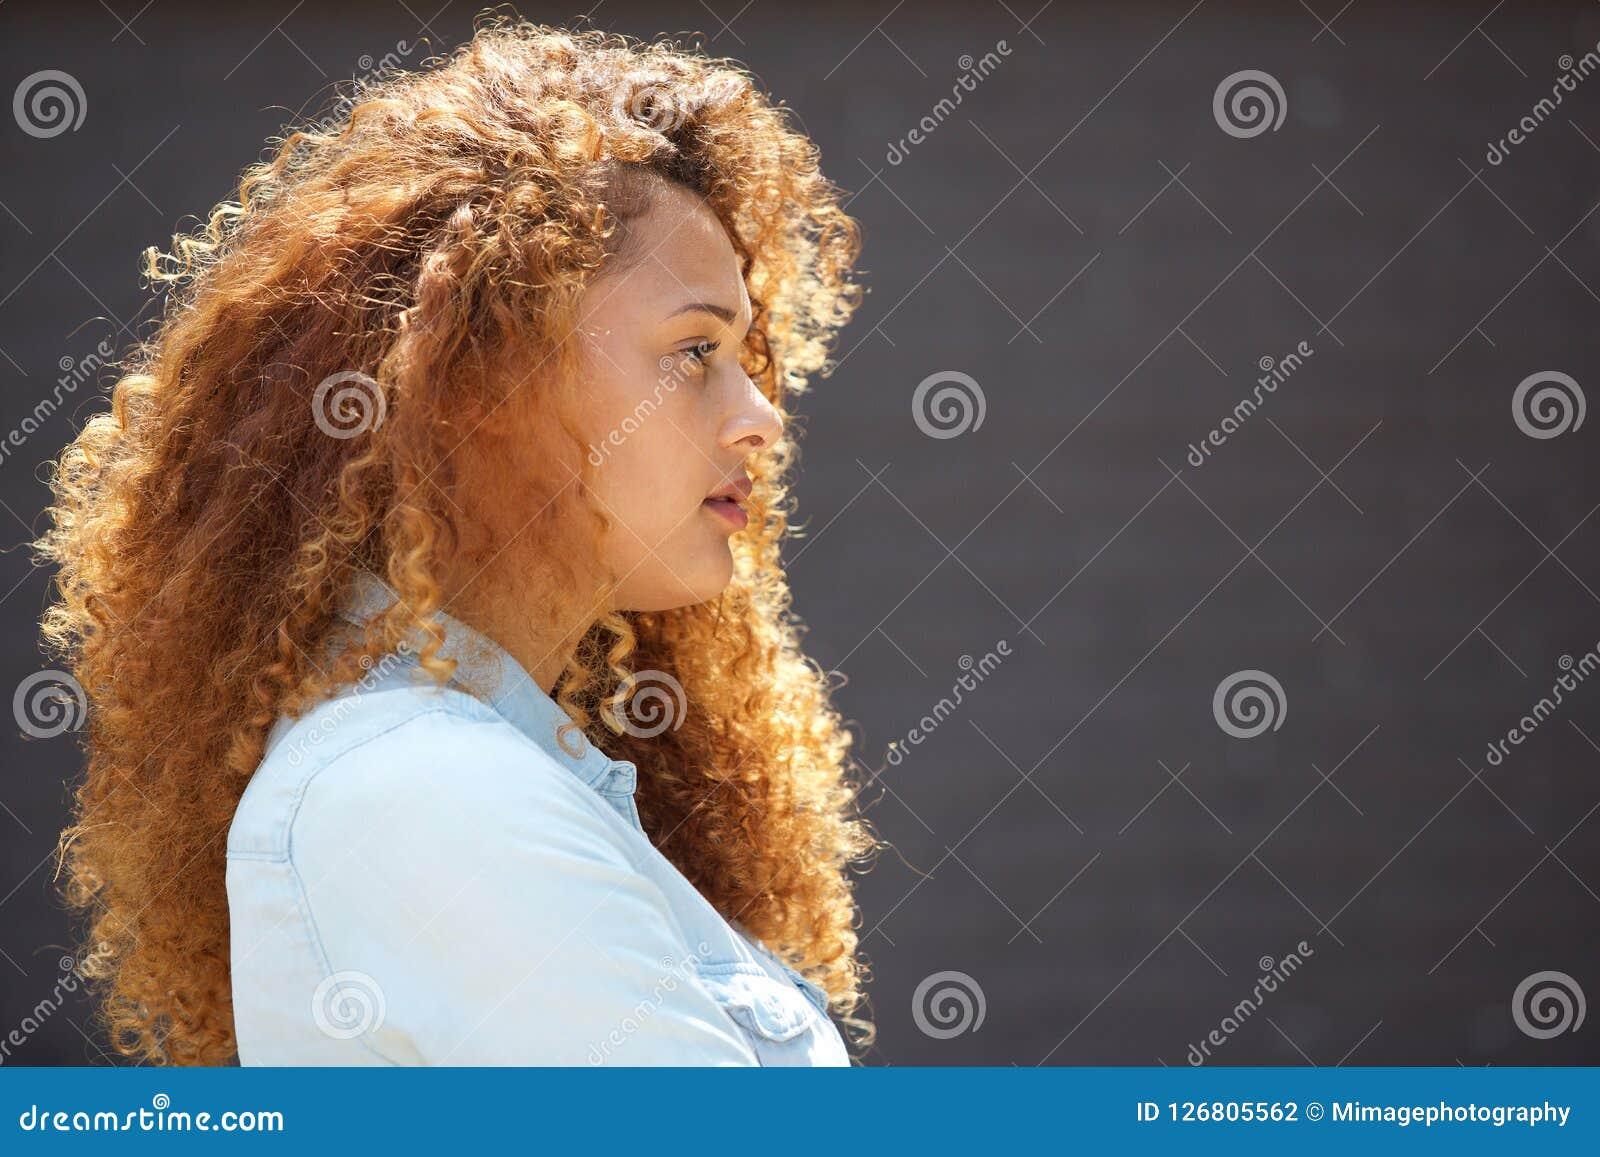 Giovane donna di profilo con capelli ricci contro la parete grigia